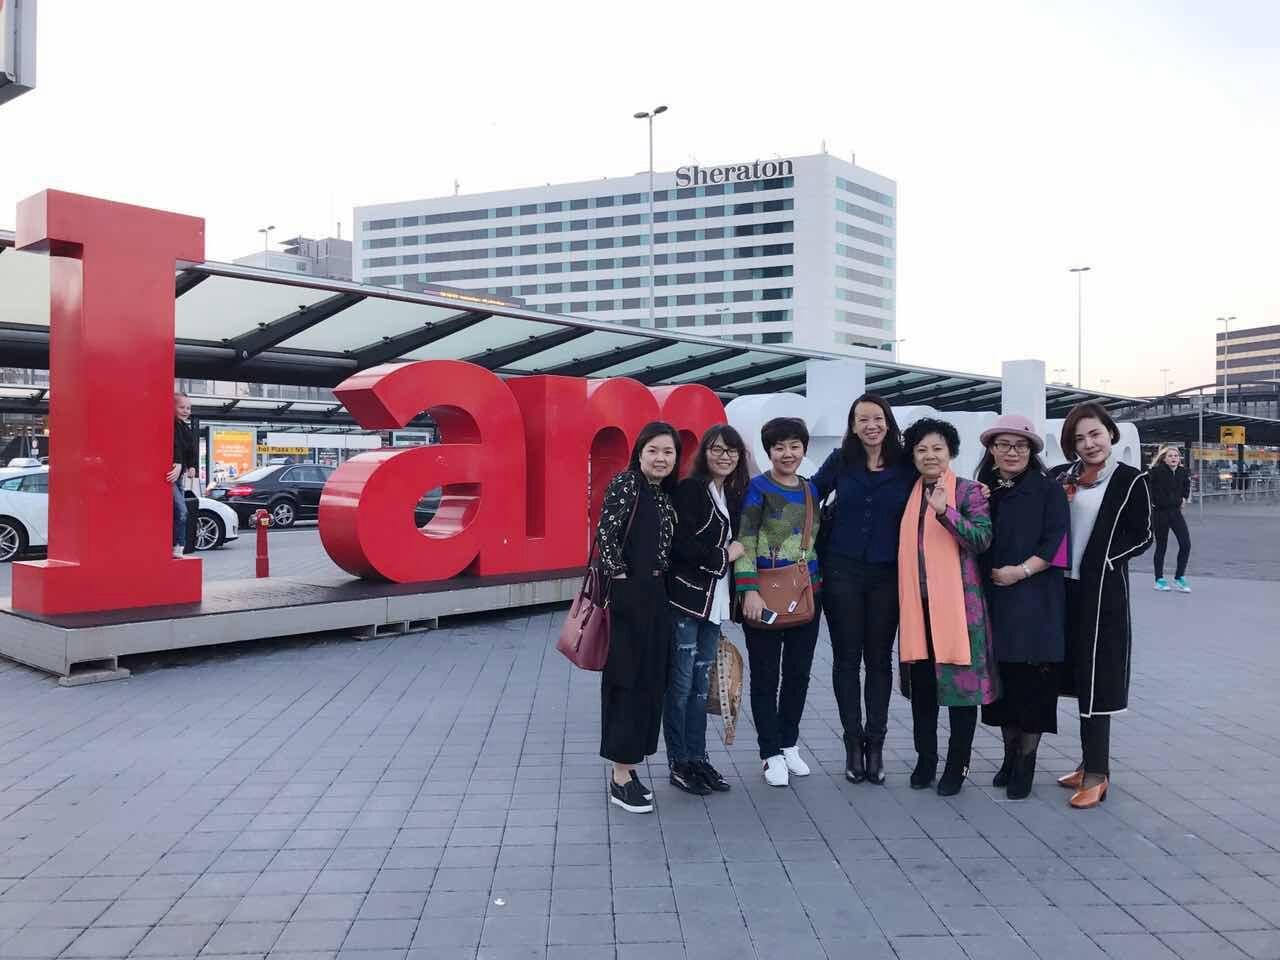 De 1e groep vrouwen uit Chongqing zijn geland